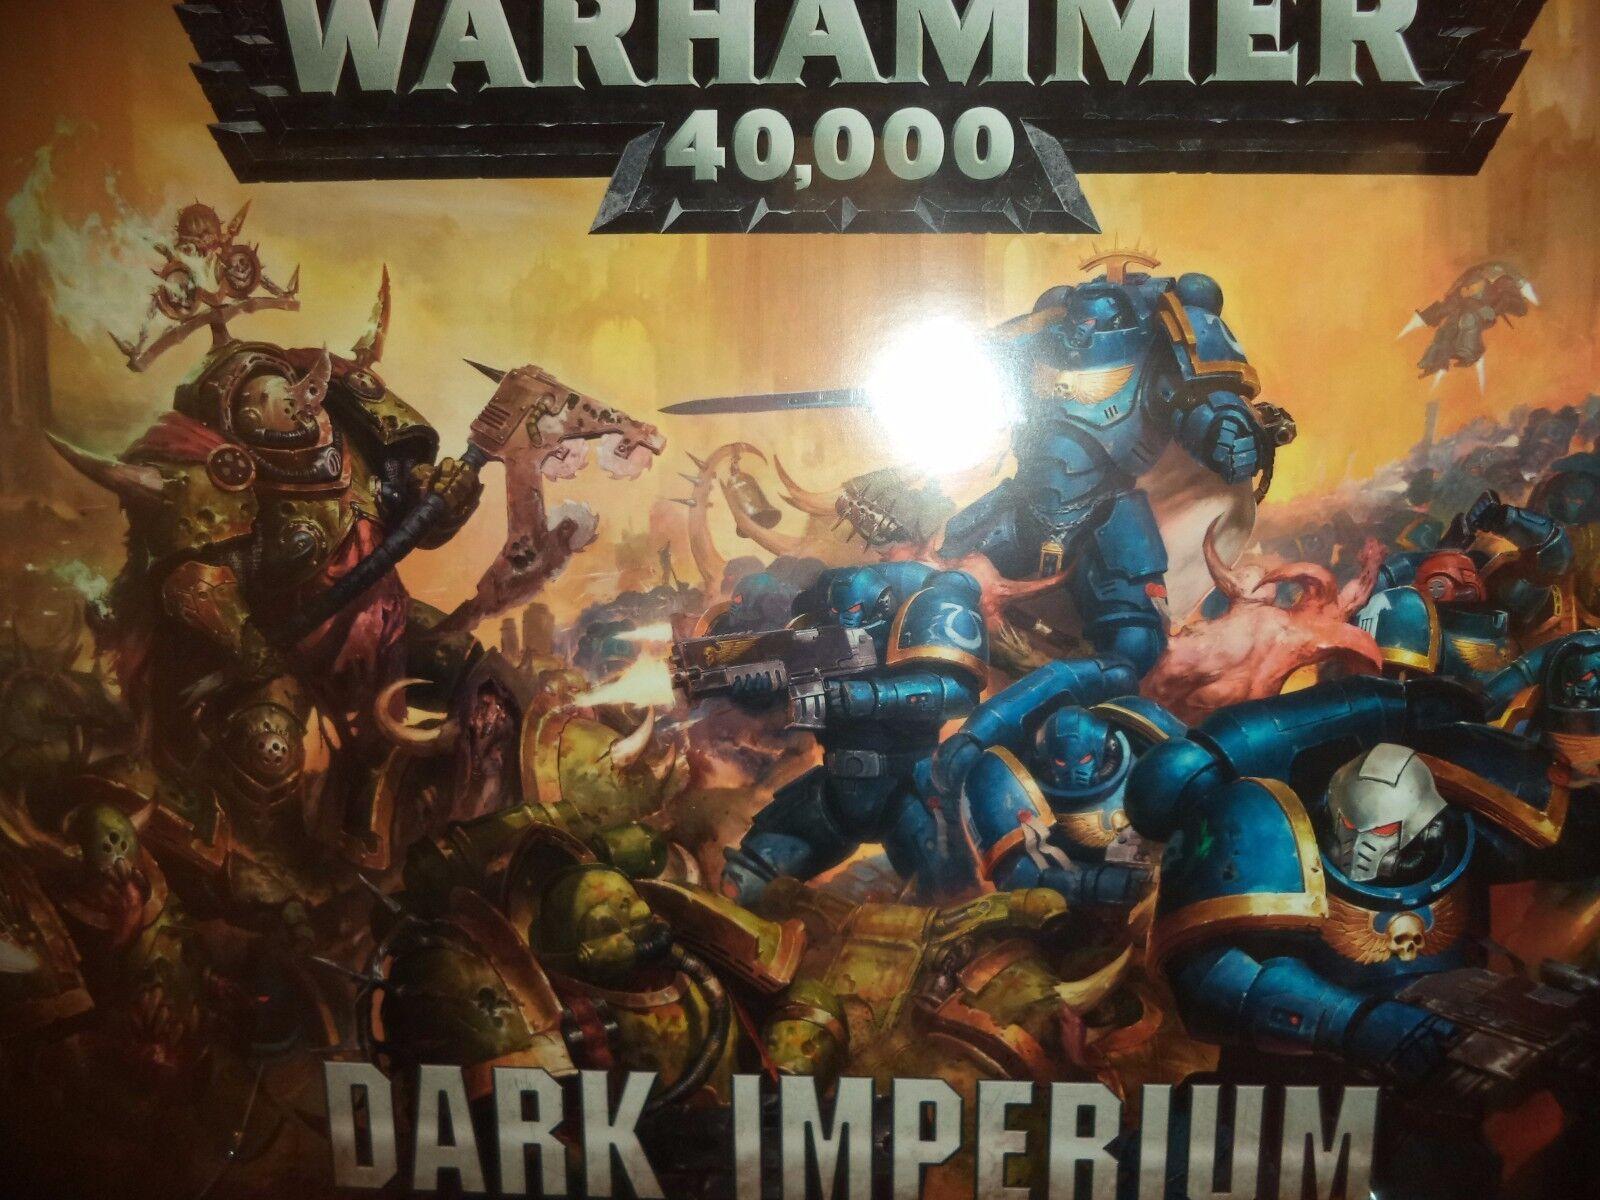 Imperium Box Set Oscura Warhammer 40k 8th Edición Juego Taller 40,000  nuevo